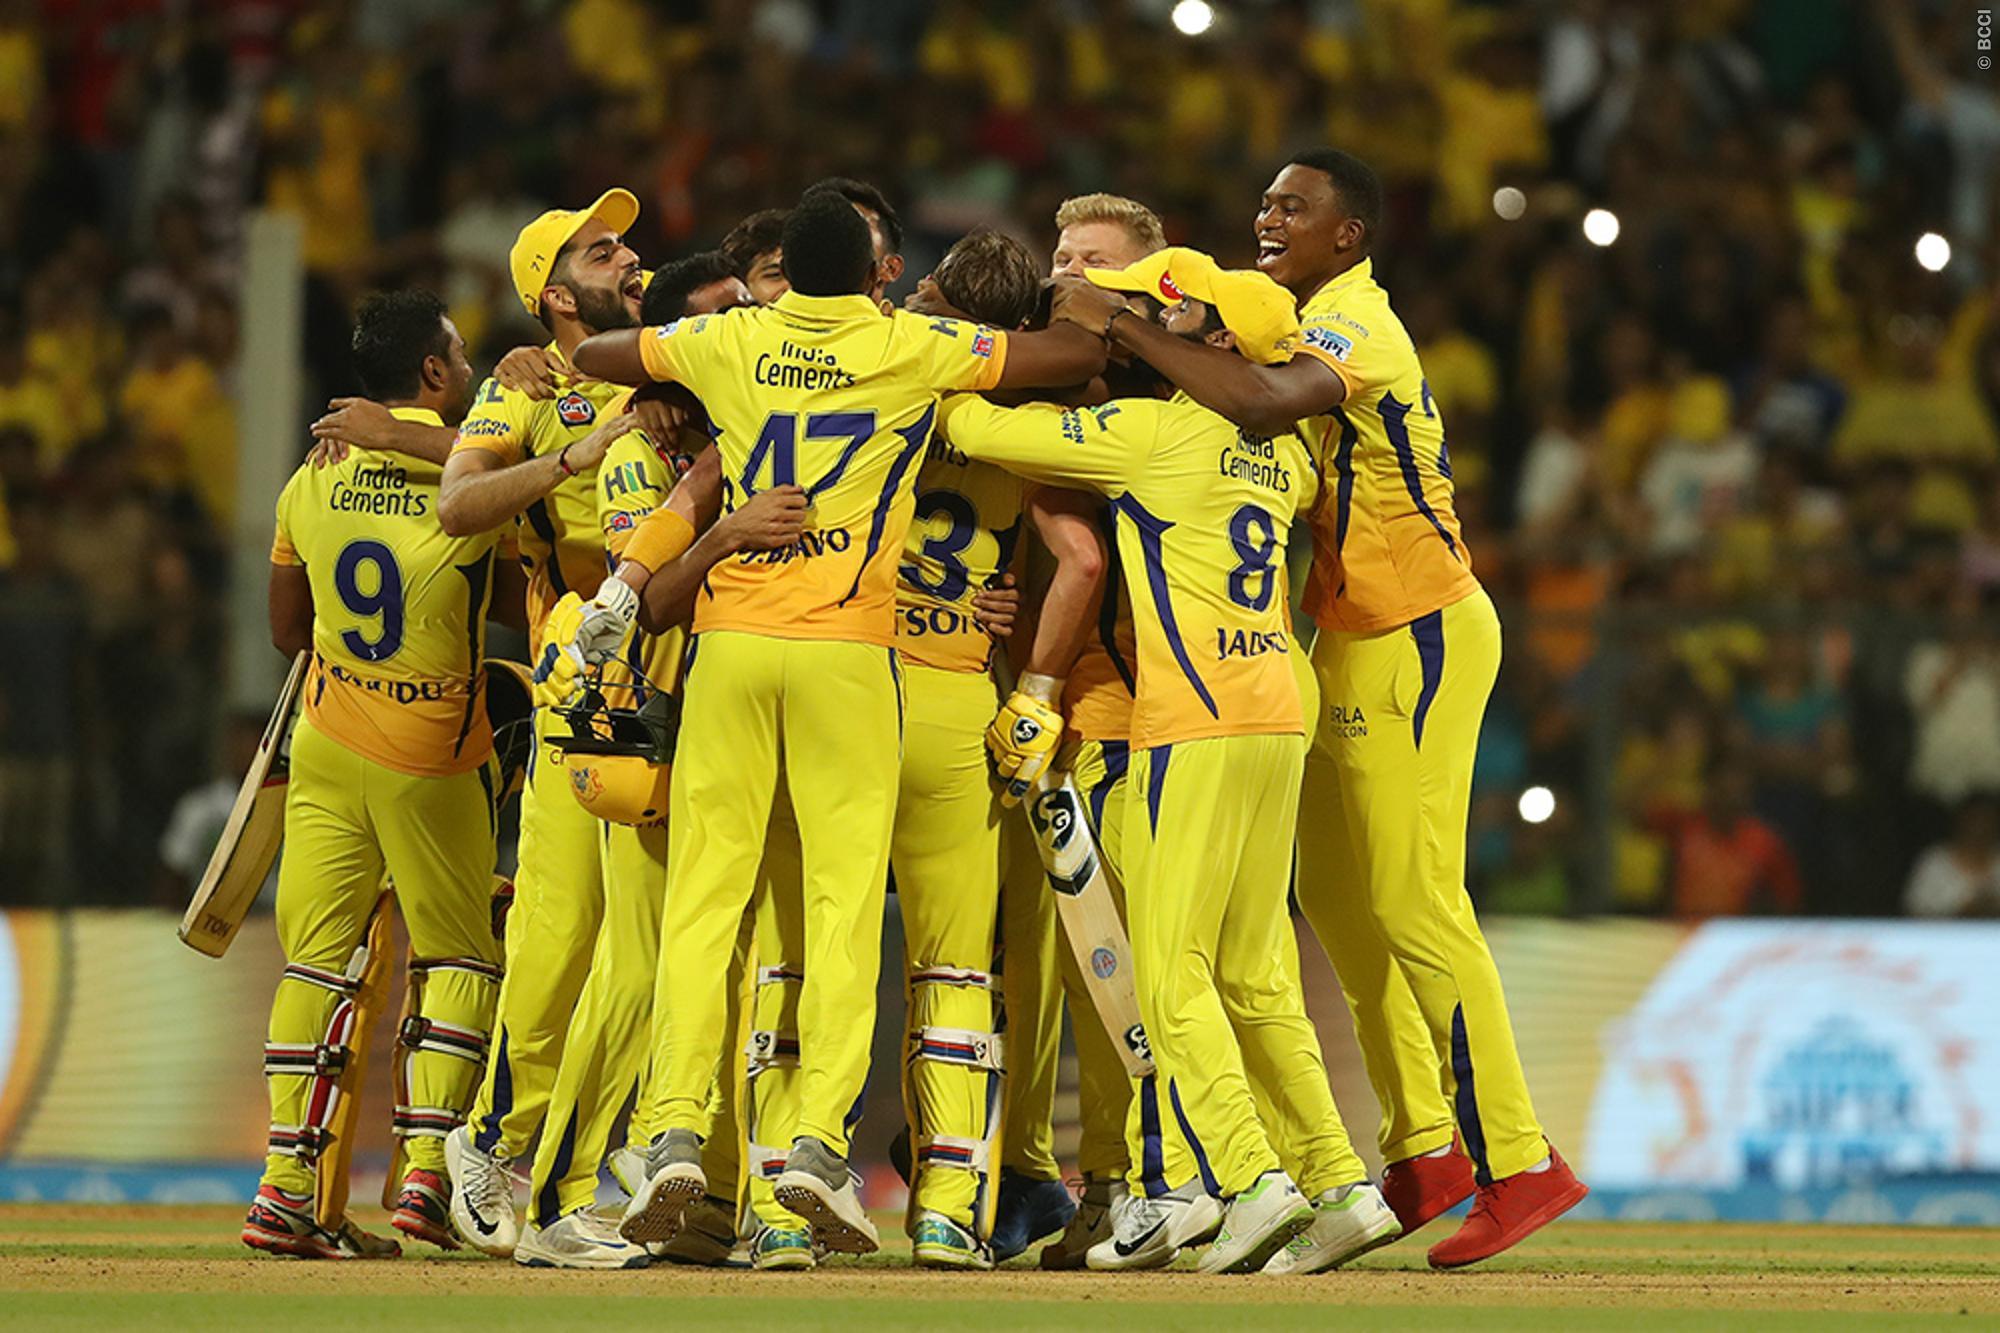 वीरेंद्र सहवाग ने चेन्नई के फाइनल जीतने के बाद धोनी को ख़ास अंदाज में दी बधाई 41